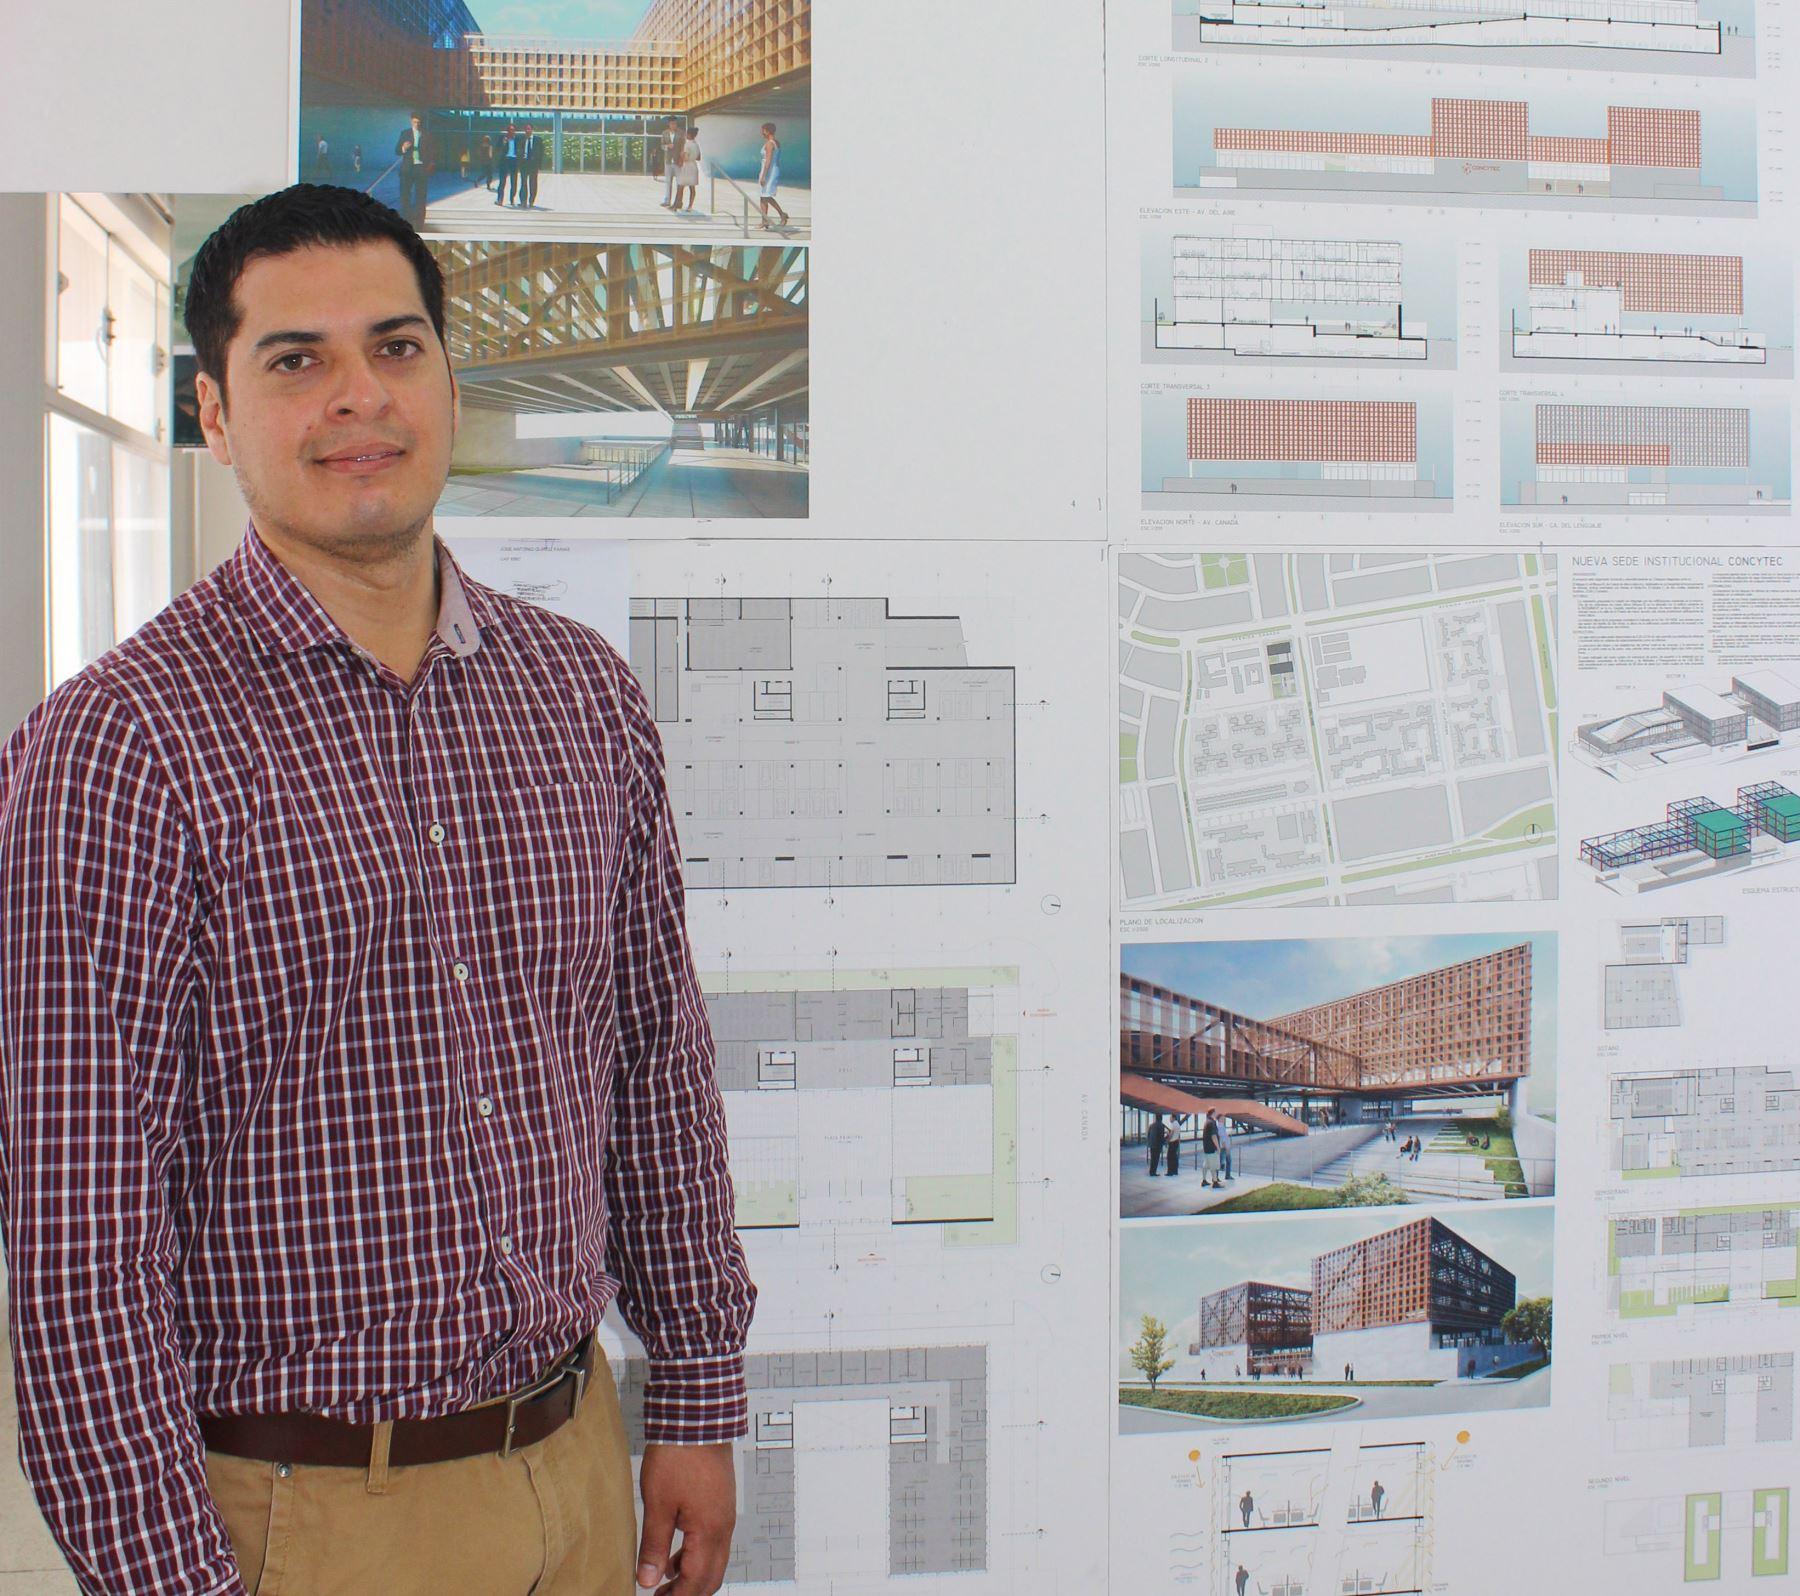 El arquitecto José Antonio Quiroz Farias ganó el concurso para diseñar el nuevo local del Concytec.